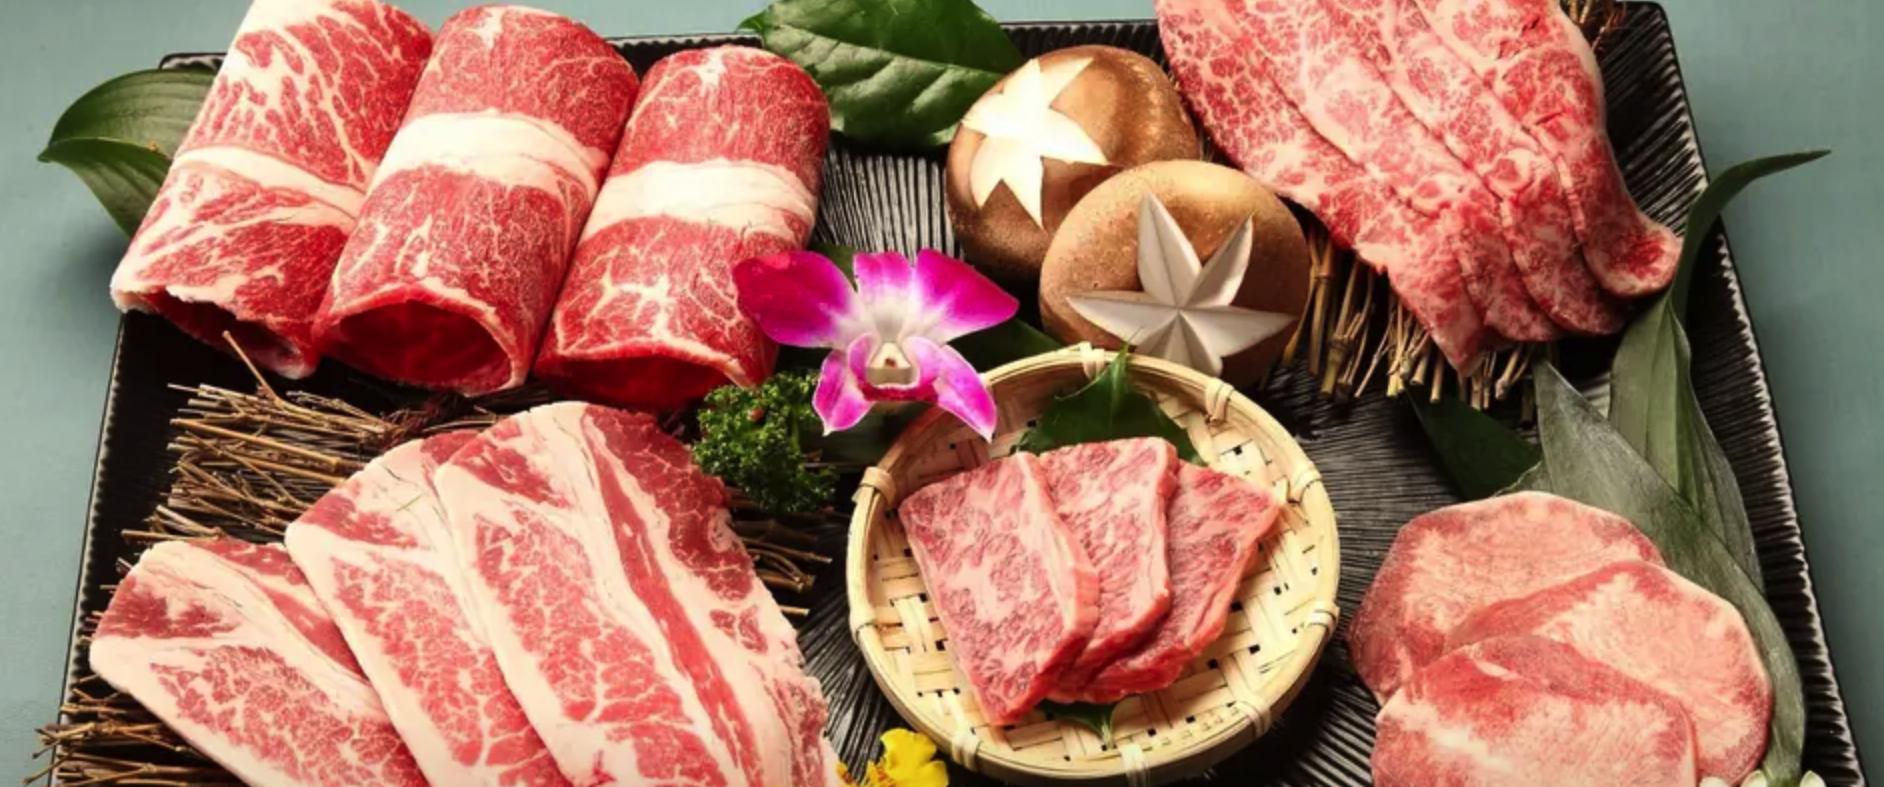 【台北吃到飽優惠整理】涮涮鍋、韓式烤肉、港式飲茶、義大利麵|KLOOK折扣優惠34家總整理 @GINA環球旅行生活